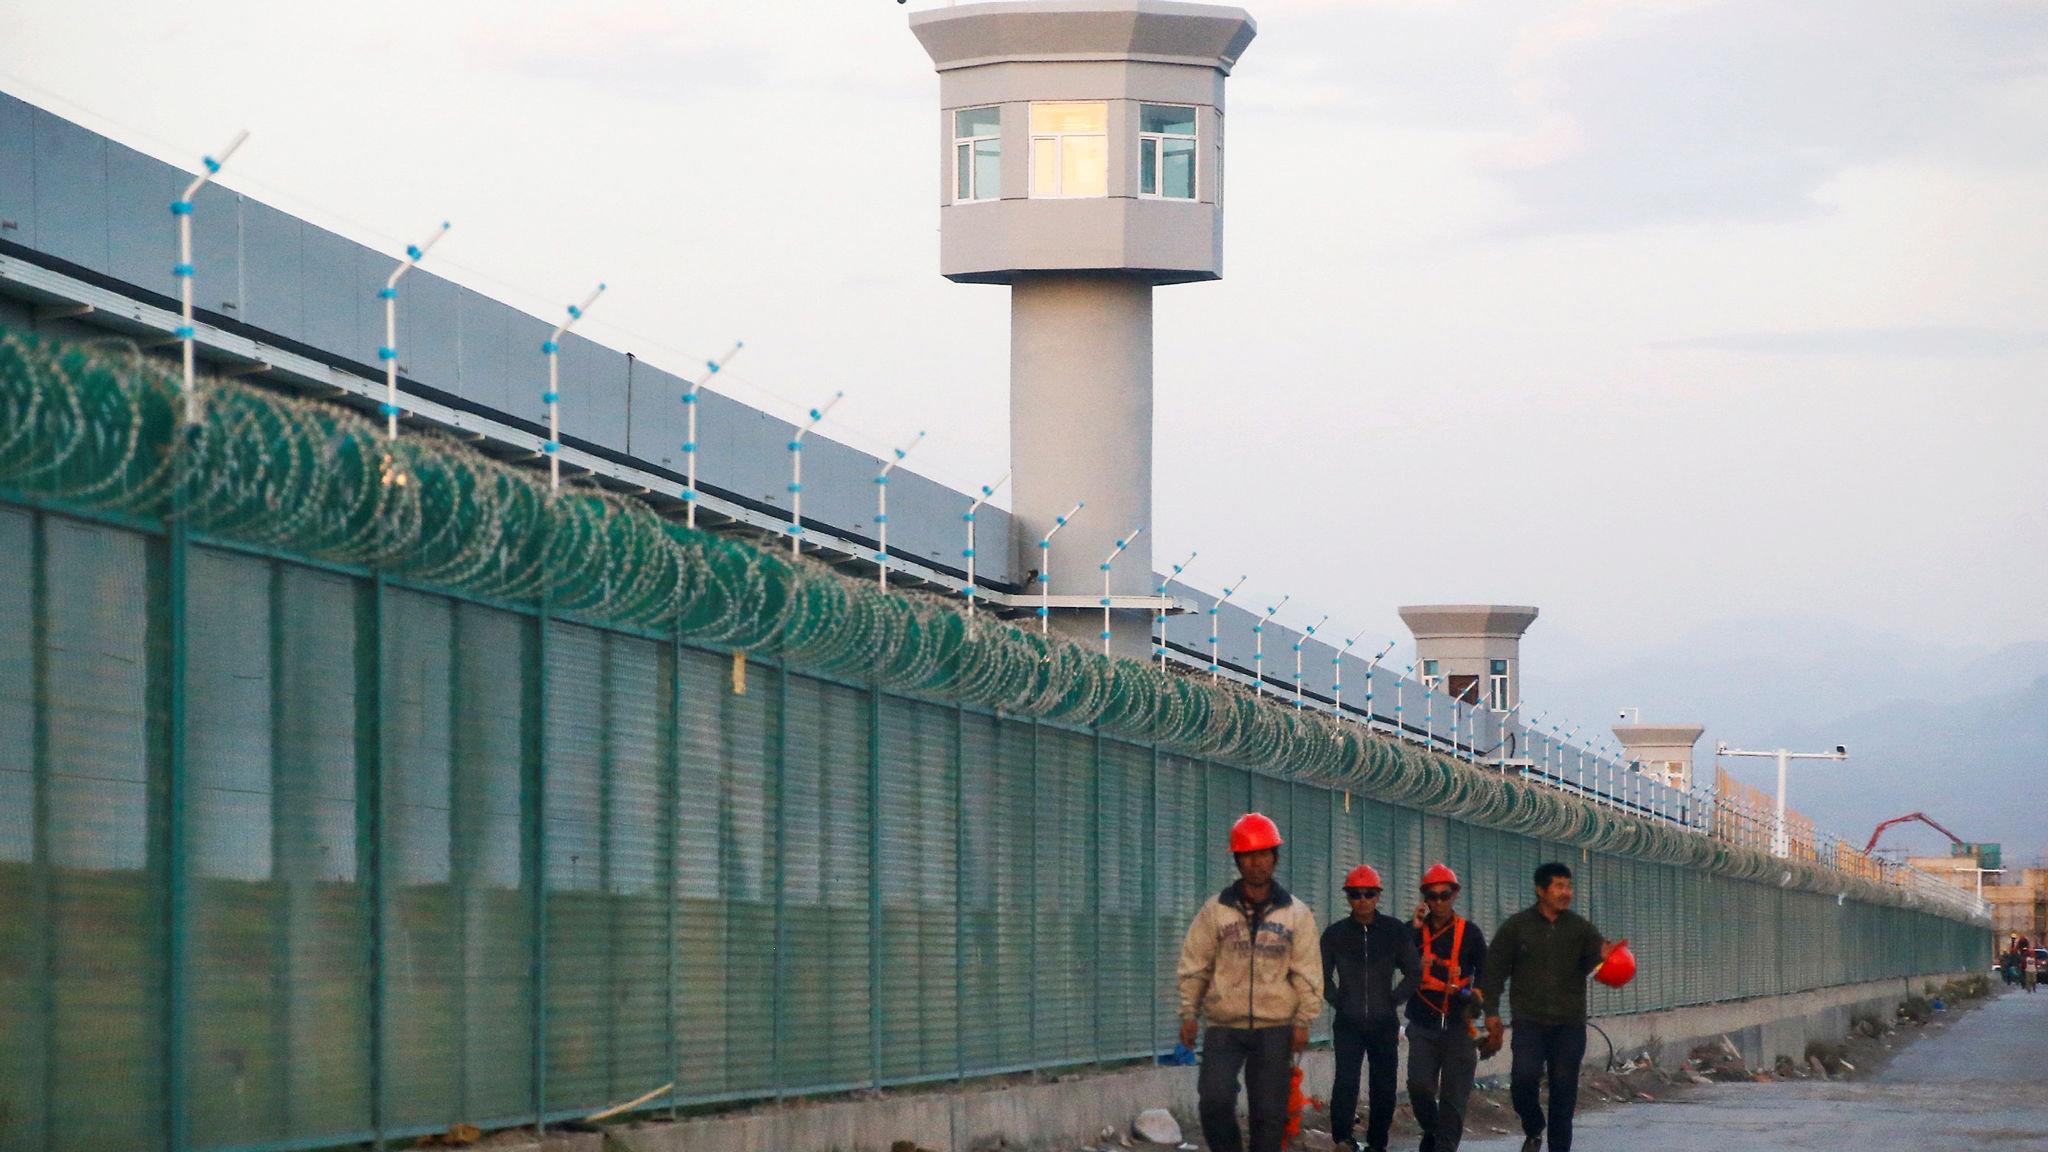 Deutschland AG sticks with Xinjiang despite Uighurs mistreatment